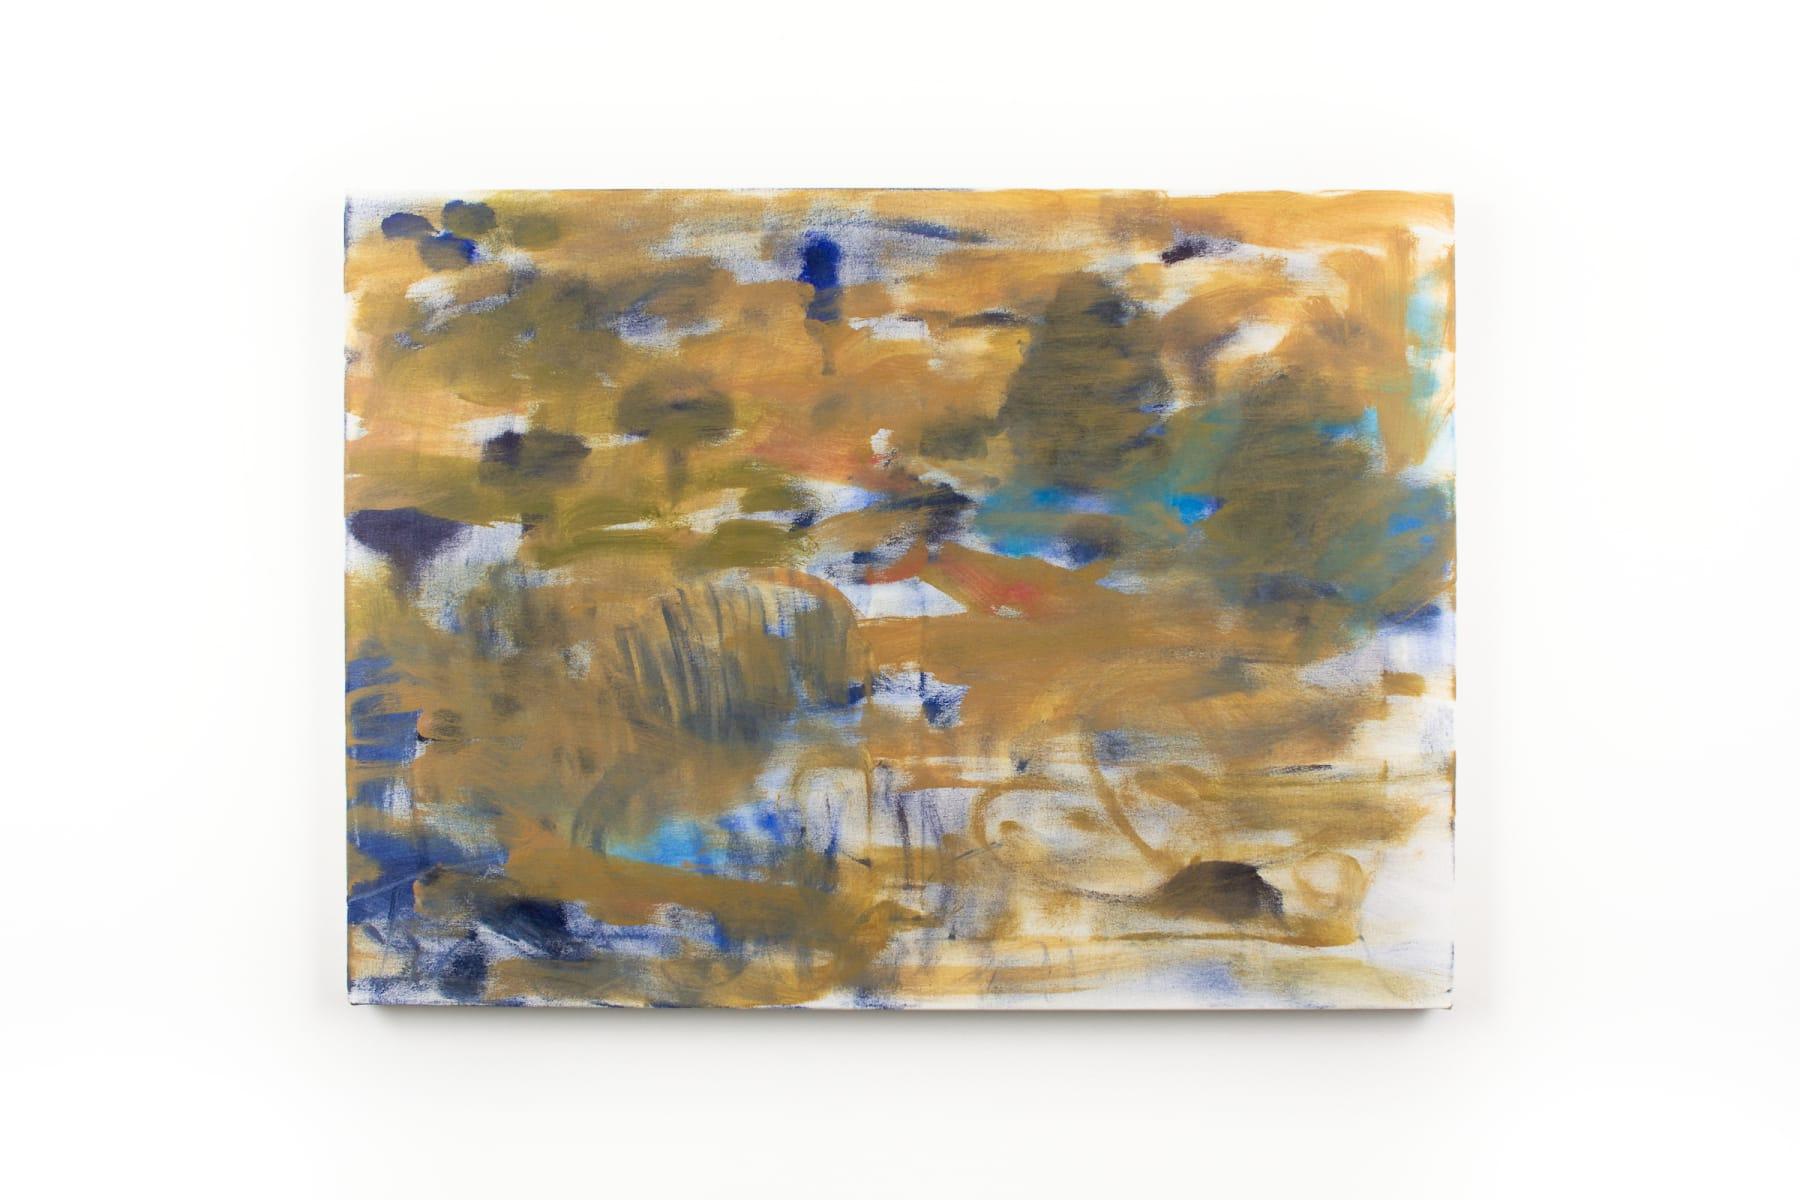 Trevor Shimizu, Marsh Small (2), 2019